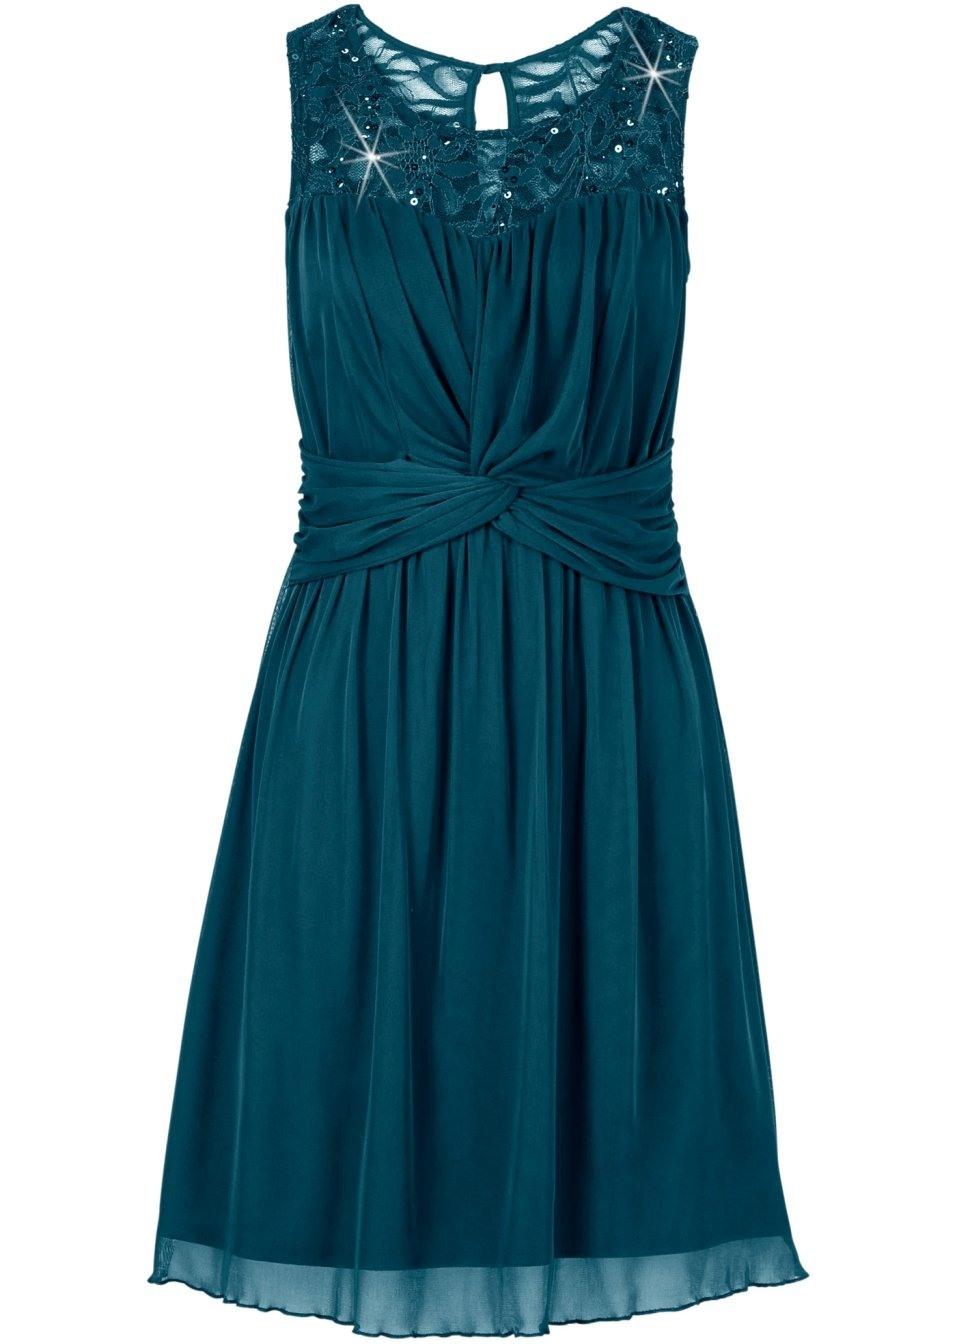 Formal Einzigartig Kleid Grün Spitze Galerie20 Einzigartig Kleid Grün Spitze Stylish